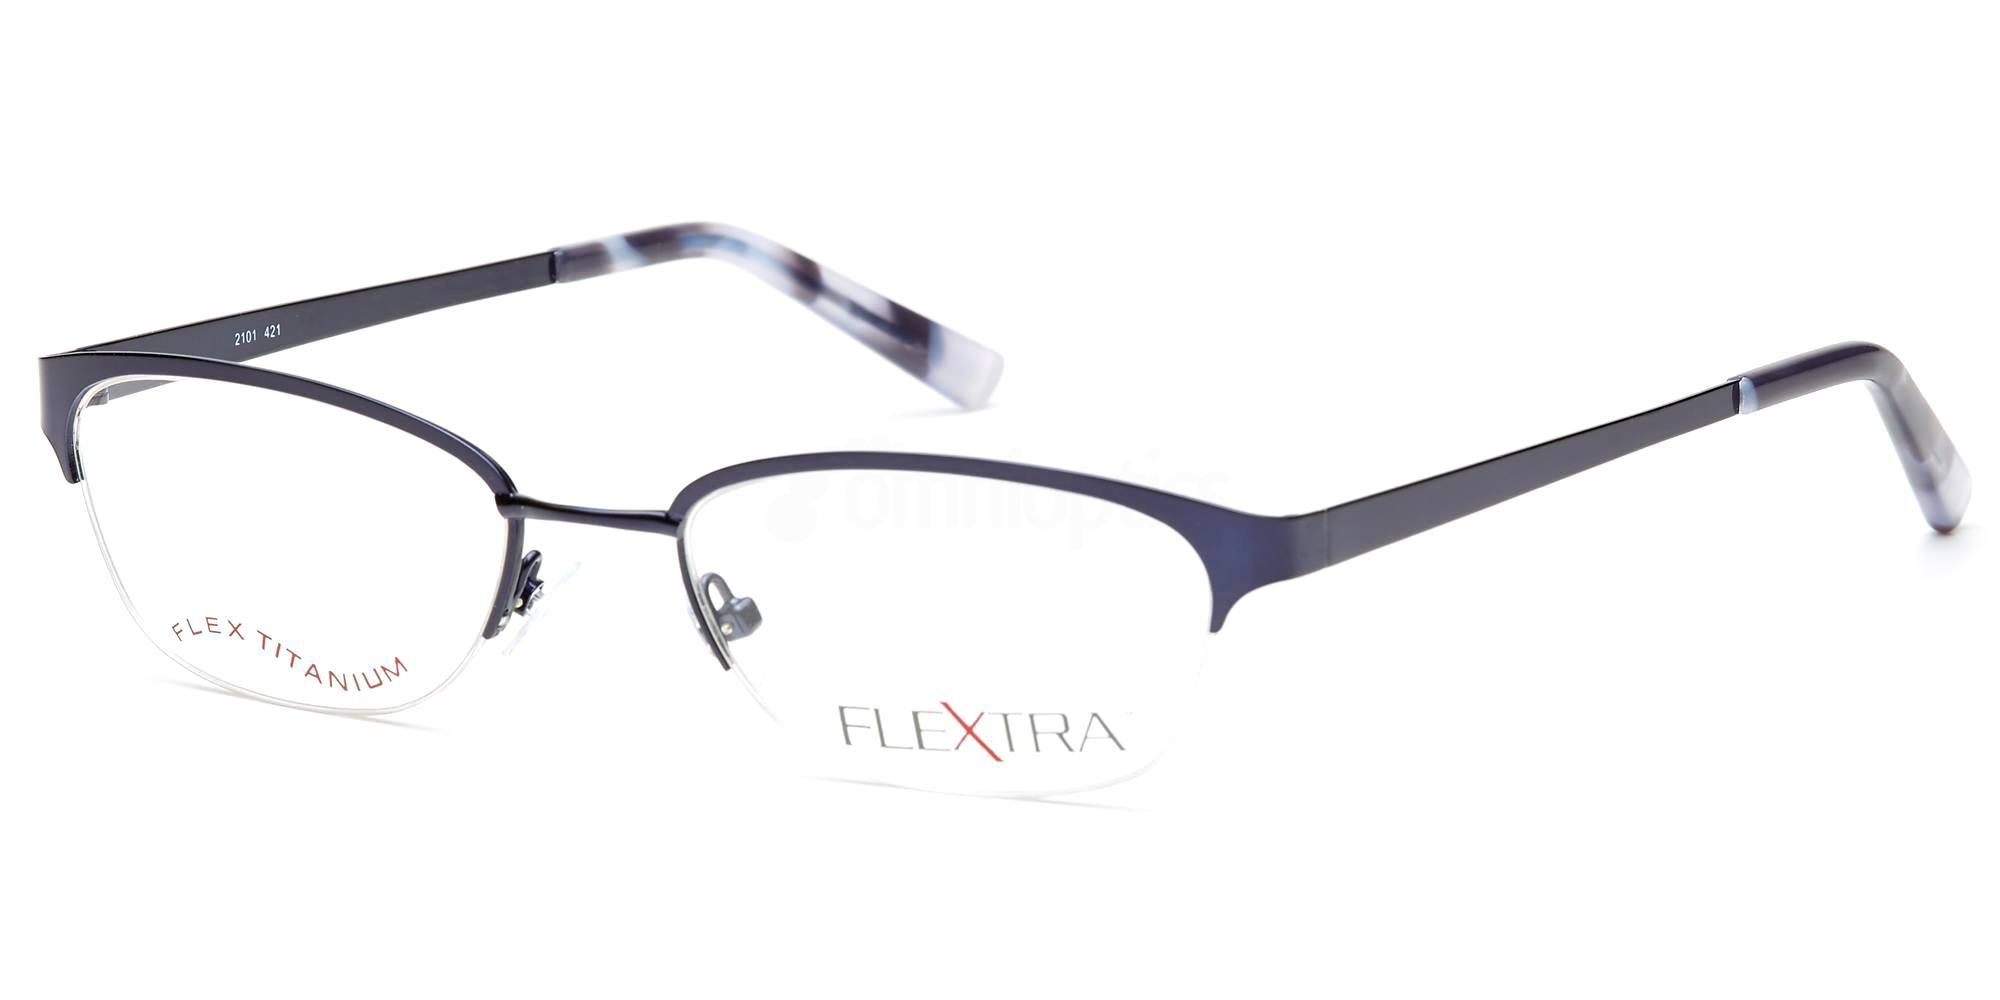 C1 FLX2101 , Flextra